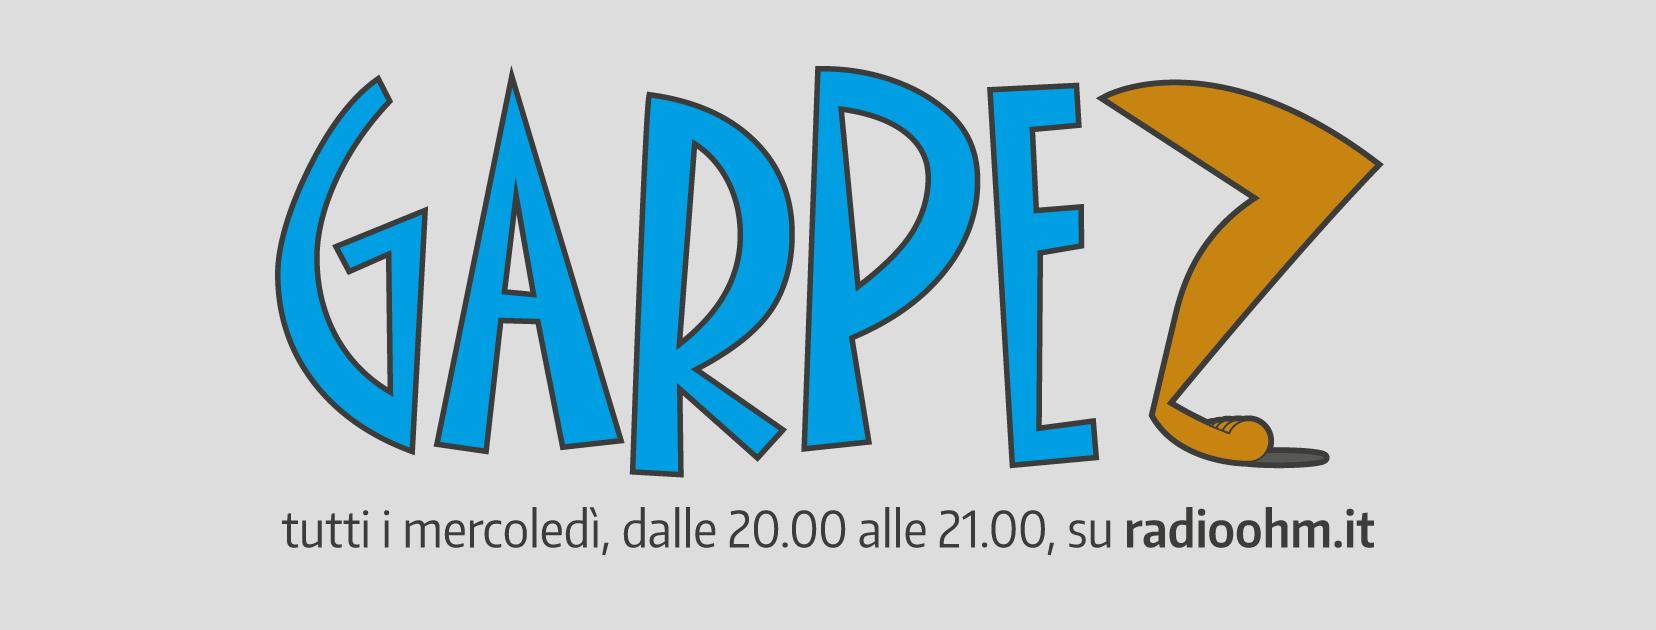 Garpez